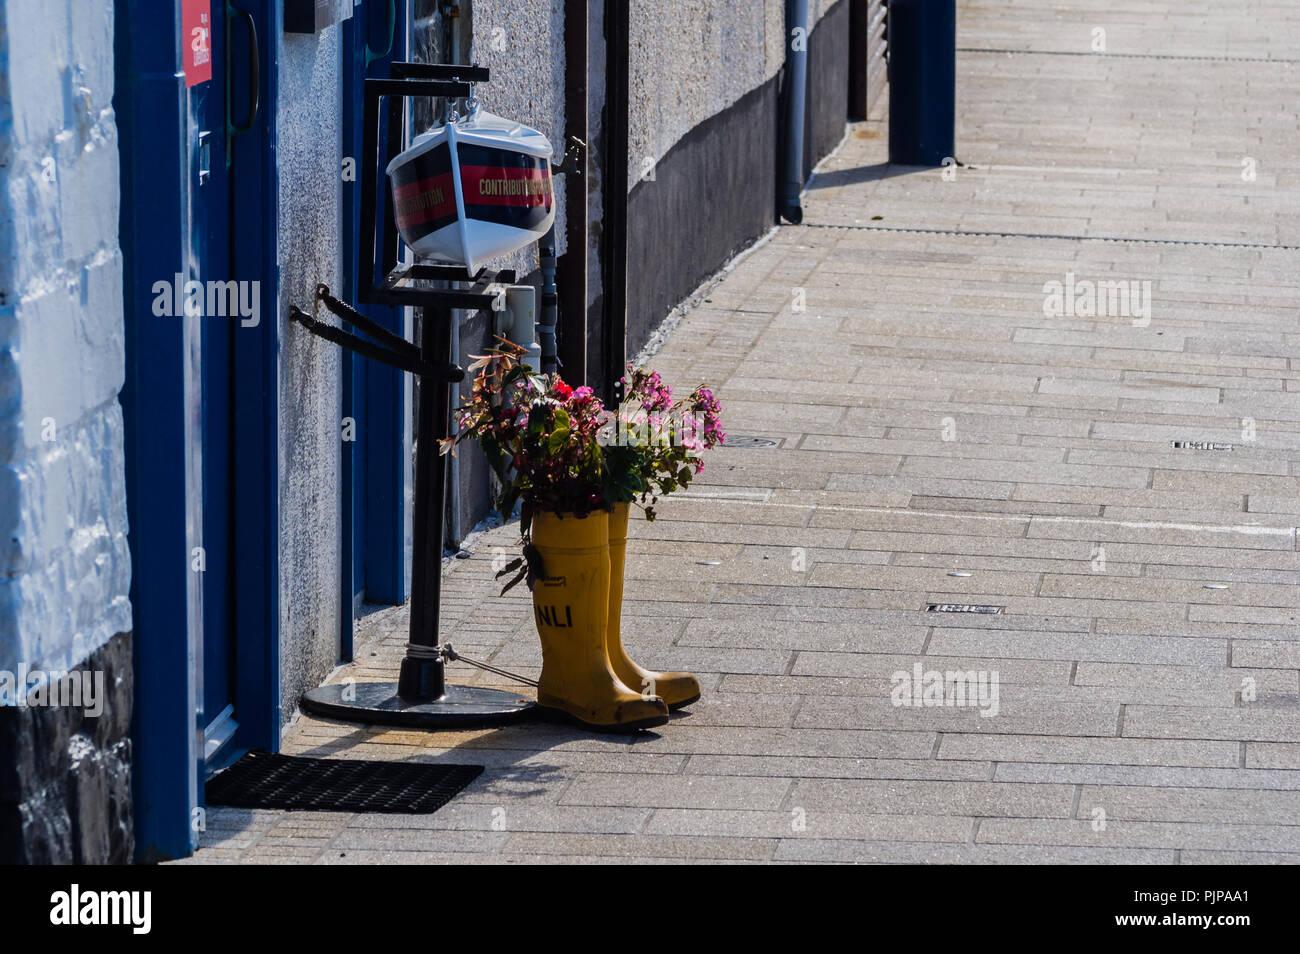 Alte RNLI Wellingtons upcycled als Blume Pflanzmaschinen außerhalb der RNLI-Station in Donaghadee Stockbild